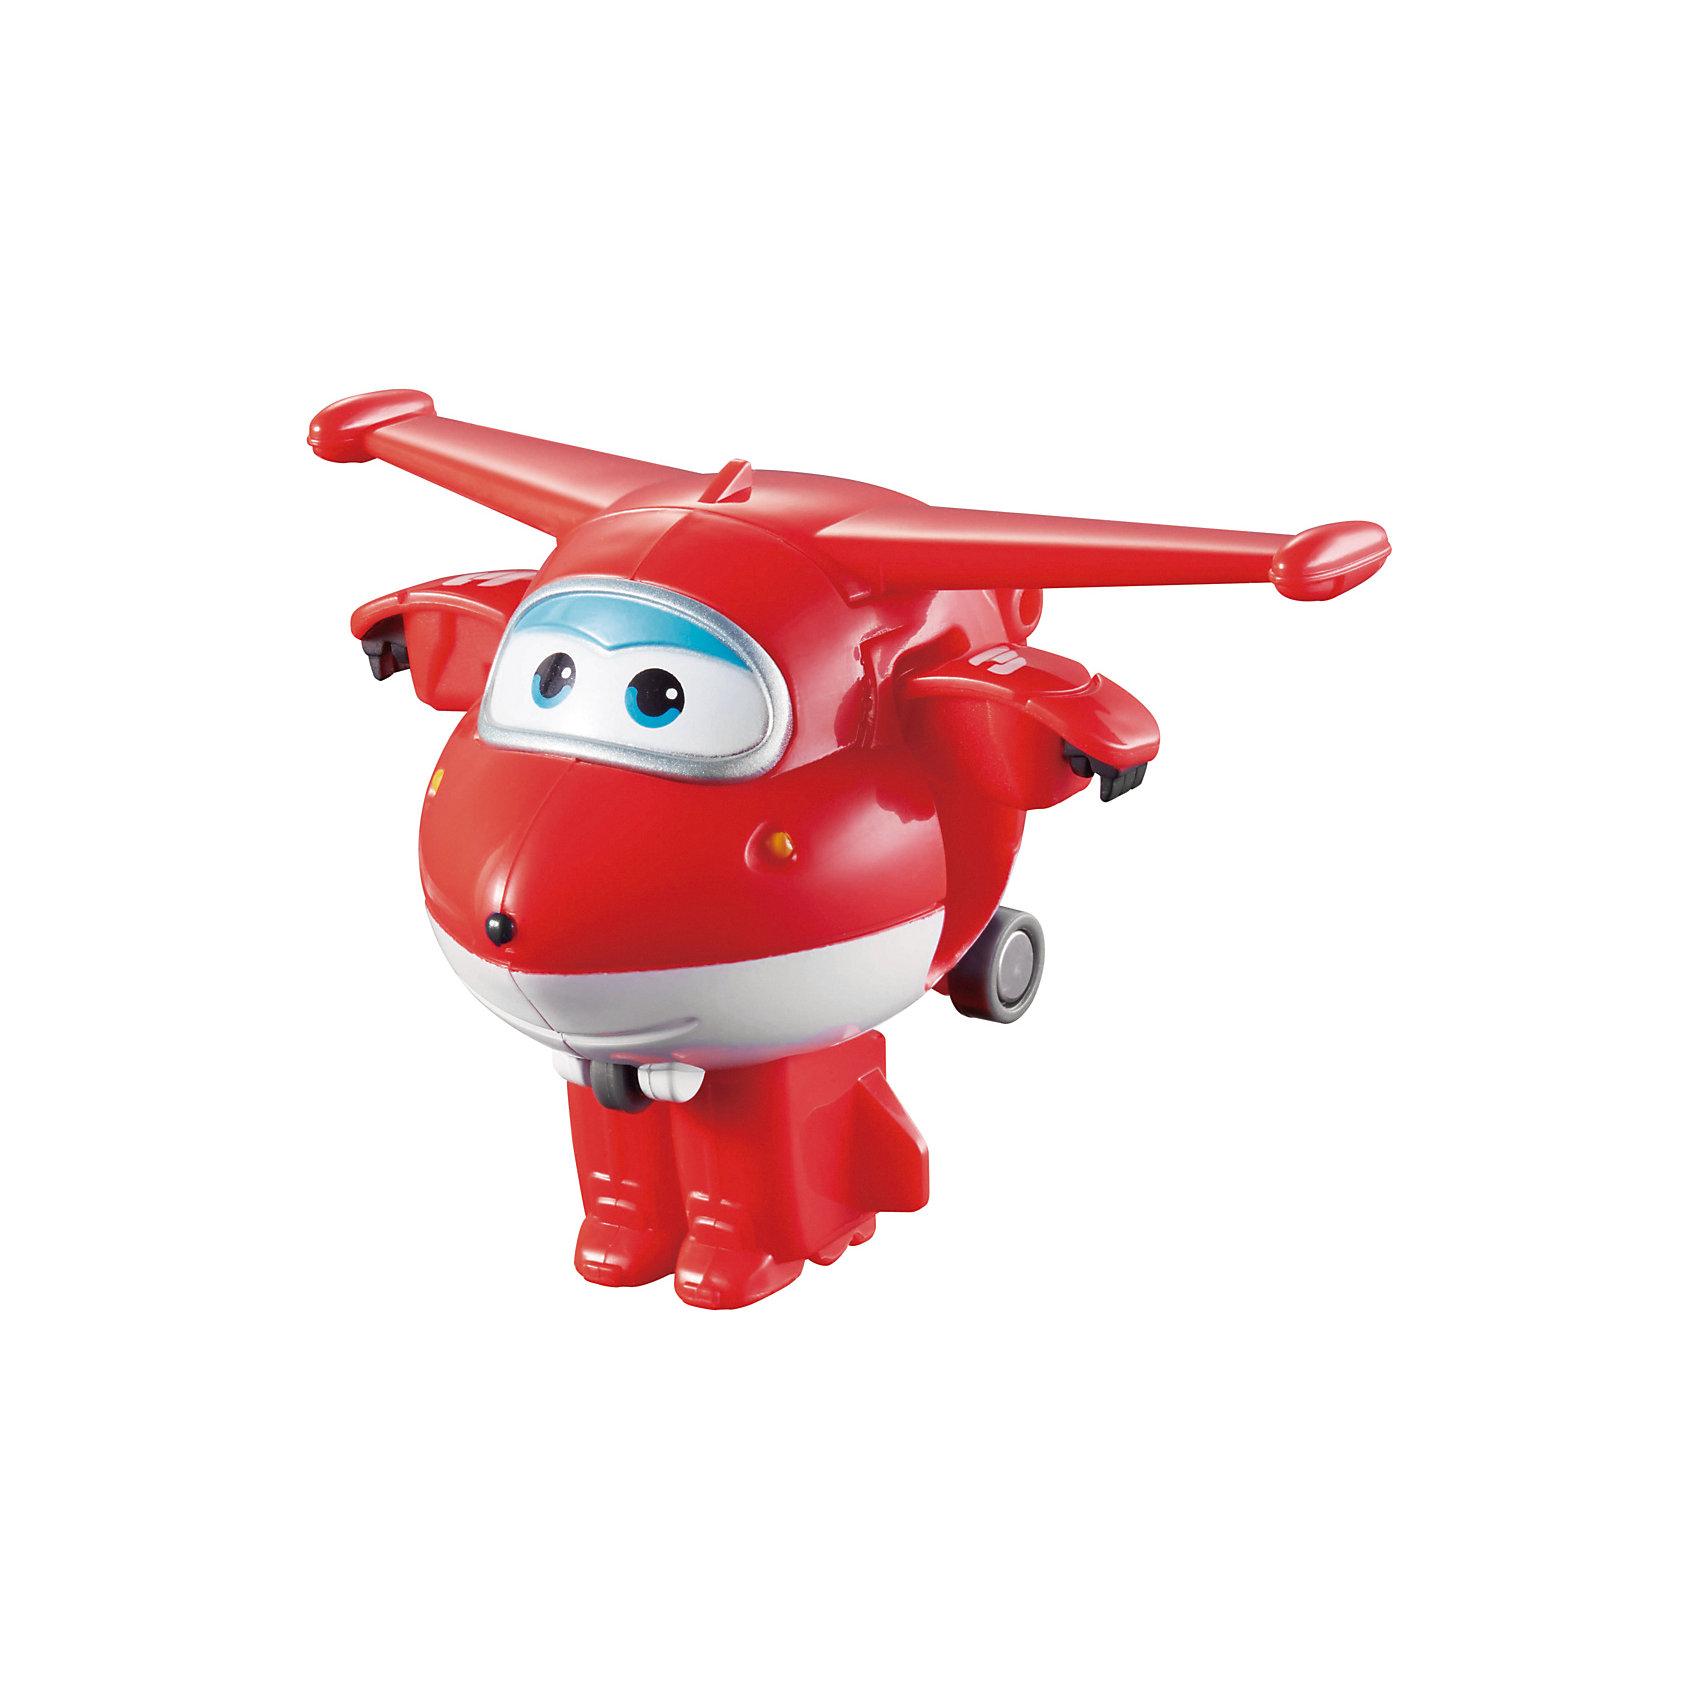 Мини-трансформер Джетт, Супер КрыльяИграть с самолетами любит практически каждый ребенок. Сделать игру ярче и увлекательнее поможет герой популярного мультфильма Супер Крылья, любимого детьми. Игрушка всего за несколько мгновений трансформируется из самолета в робота. К нему можно также фигурки-трансформеры заказать друзей из этого мультфильма! Компактный размер позволит ребенку брать игрушку с собой в гости или на прогулку.                <br>Этот трансформер обязательно порадует ребенка! Игры с ним также помогают детям развивать воображение, логику, мелкую моторику и творческое мышление. Самолет сделан из качественных и безопасных для ребенка материалов.<br><br>Дополнительная информация:<br><br>цвет: разноцветный;<br>размер упаковки: 12 х 15 х 6 см;<br>вес: 300 г;<br>материал: пластик.<br><br>Игрушку Мини-трансформер Джетт можно купить в нашем магазине.<br><br>Ширина мм: 125<br>Глубина мм: 155<br>Высота мм: 62<br>Вес г: 300<br>Возраст от месяцев: 36<br>Возраст до месяцев: 2147483647<br>Пол: Мужской<br>Возраст: Детский<br>SKU: 4918771